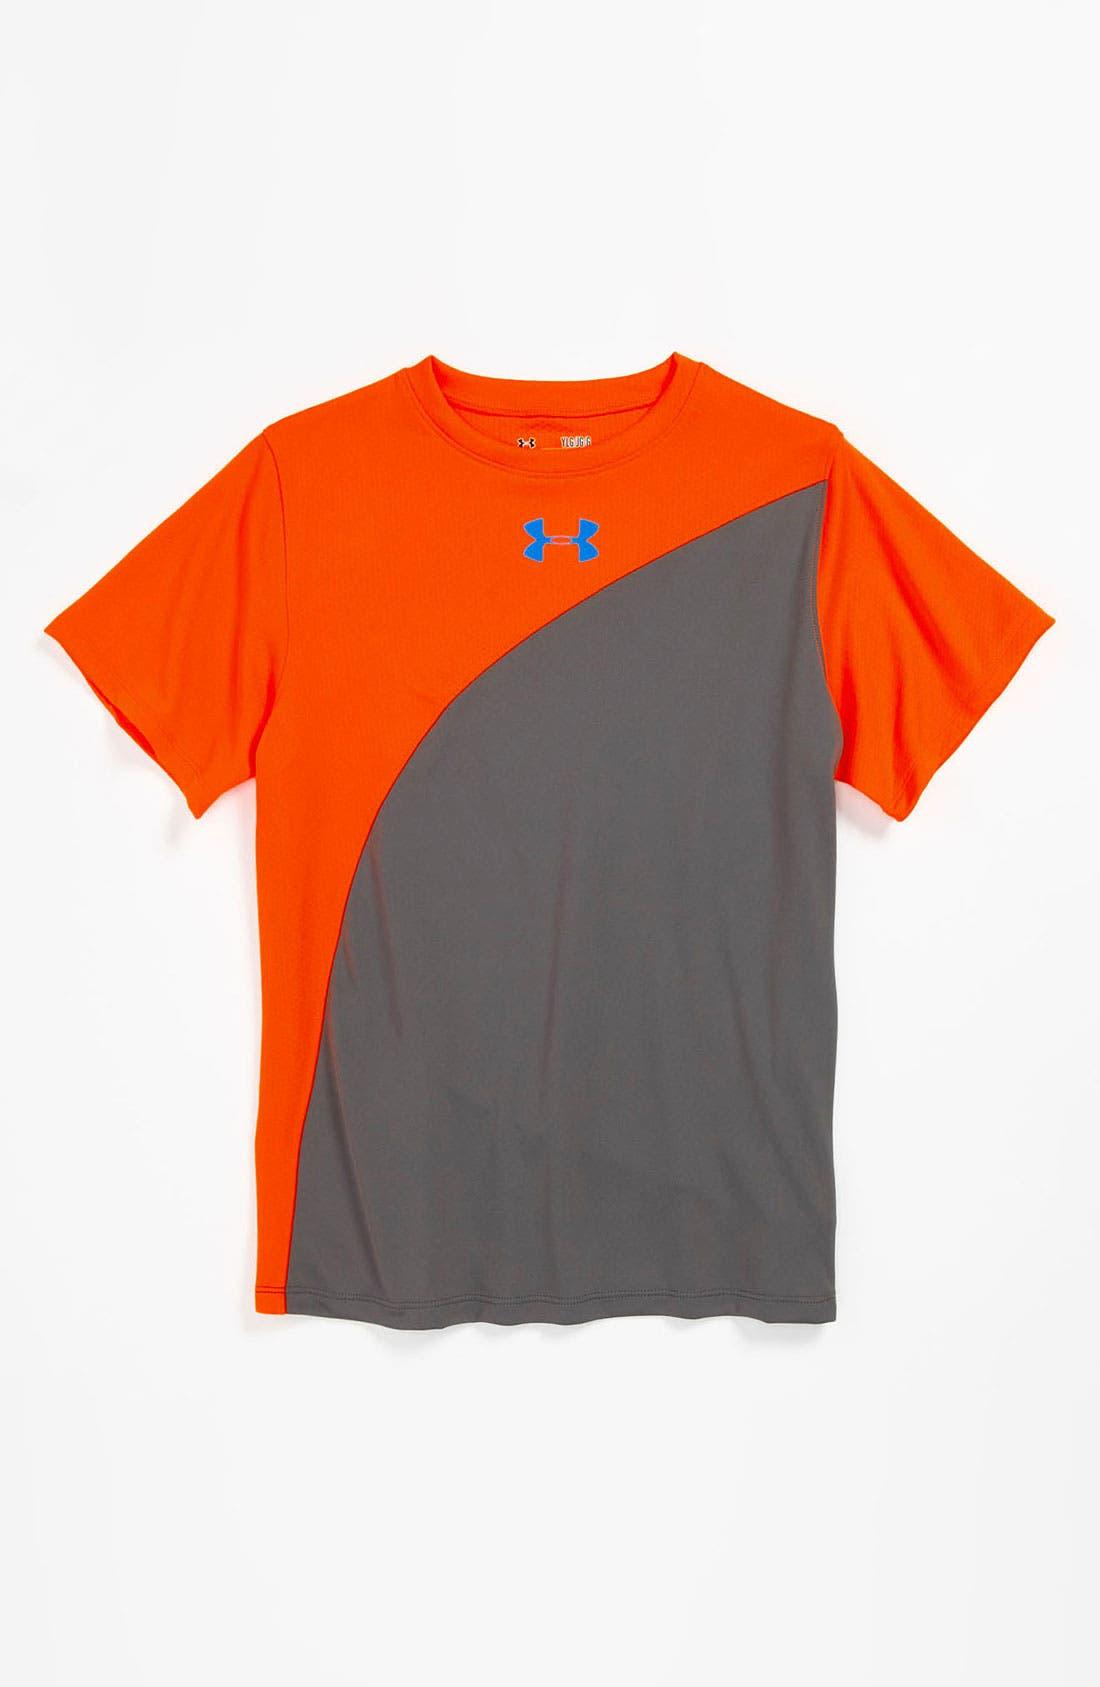 Main Image - Under Armour 'Influencer' Shirt (Big Boys)